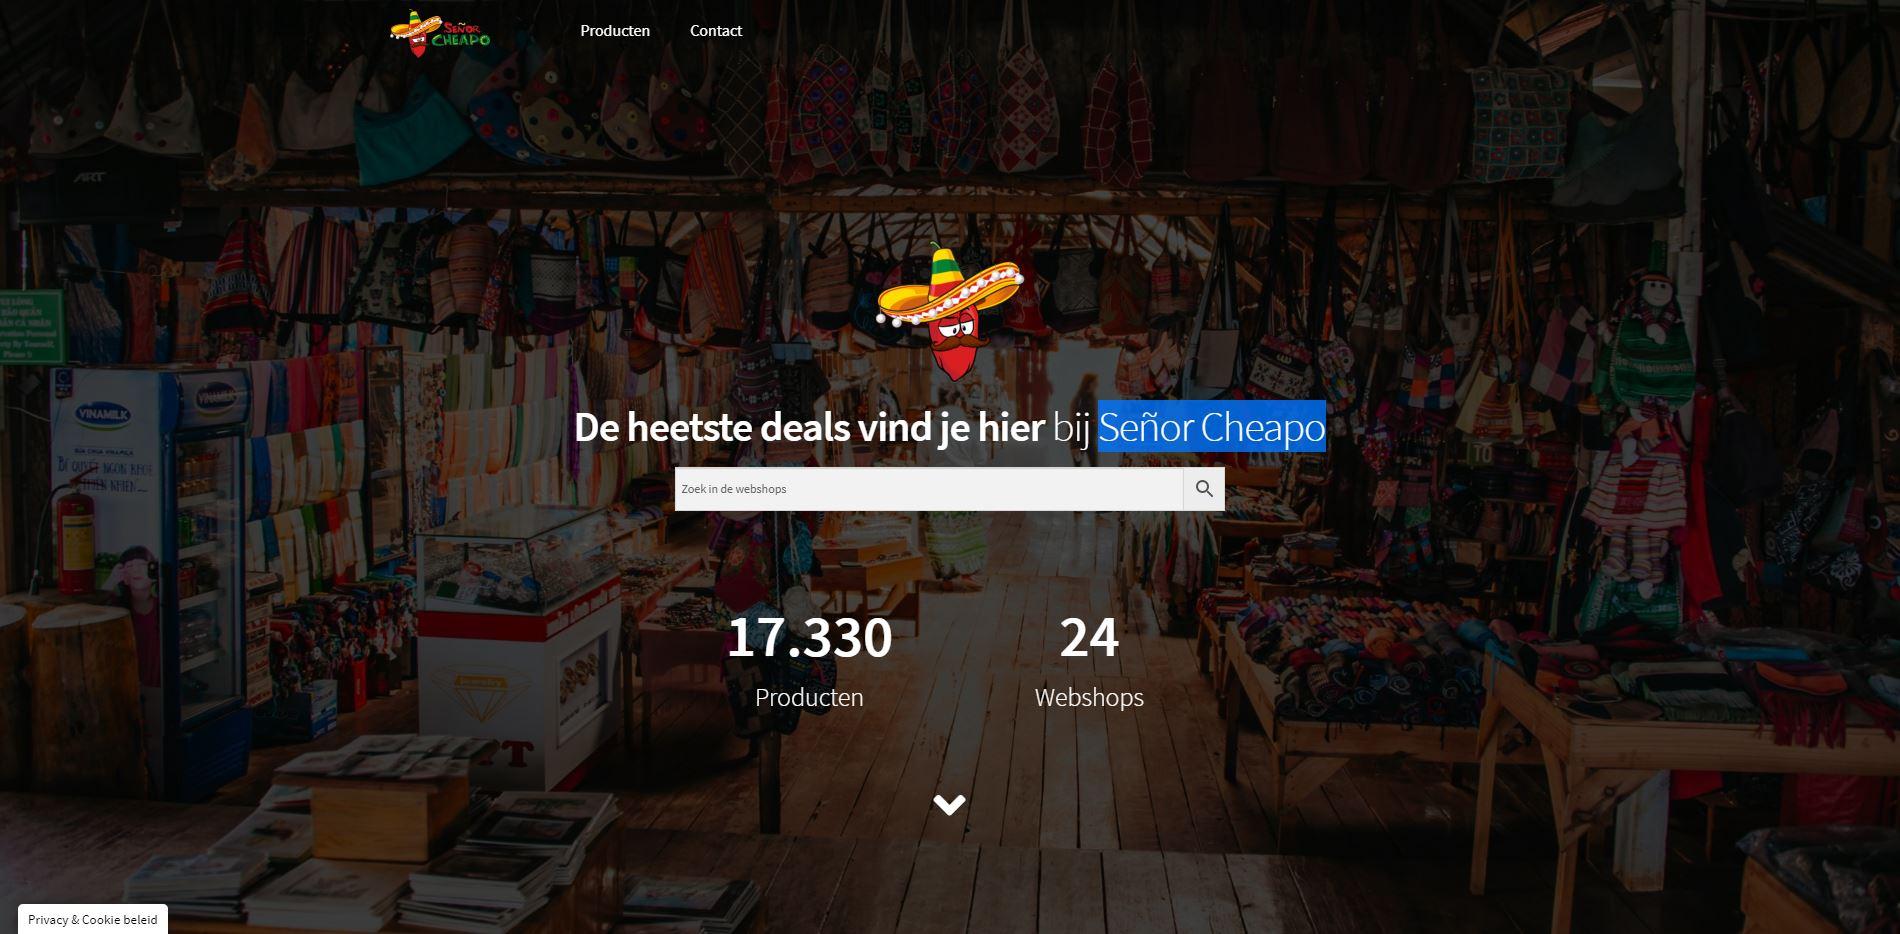 Señor Cheapo de vergelijker van Nederland